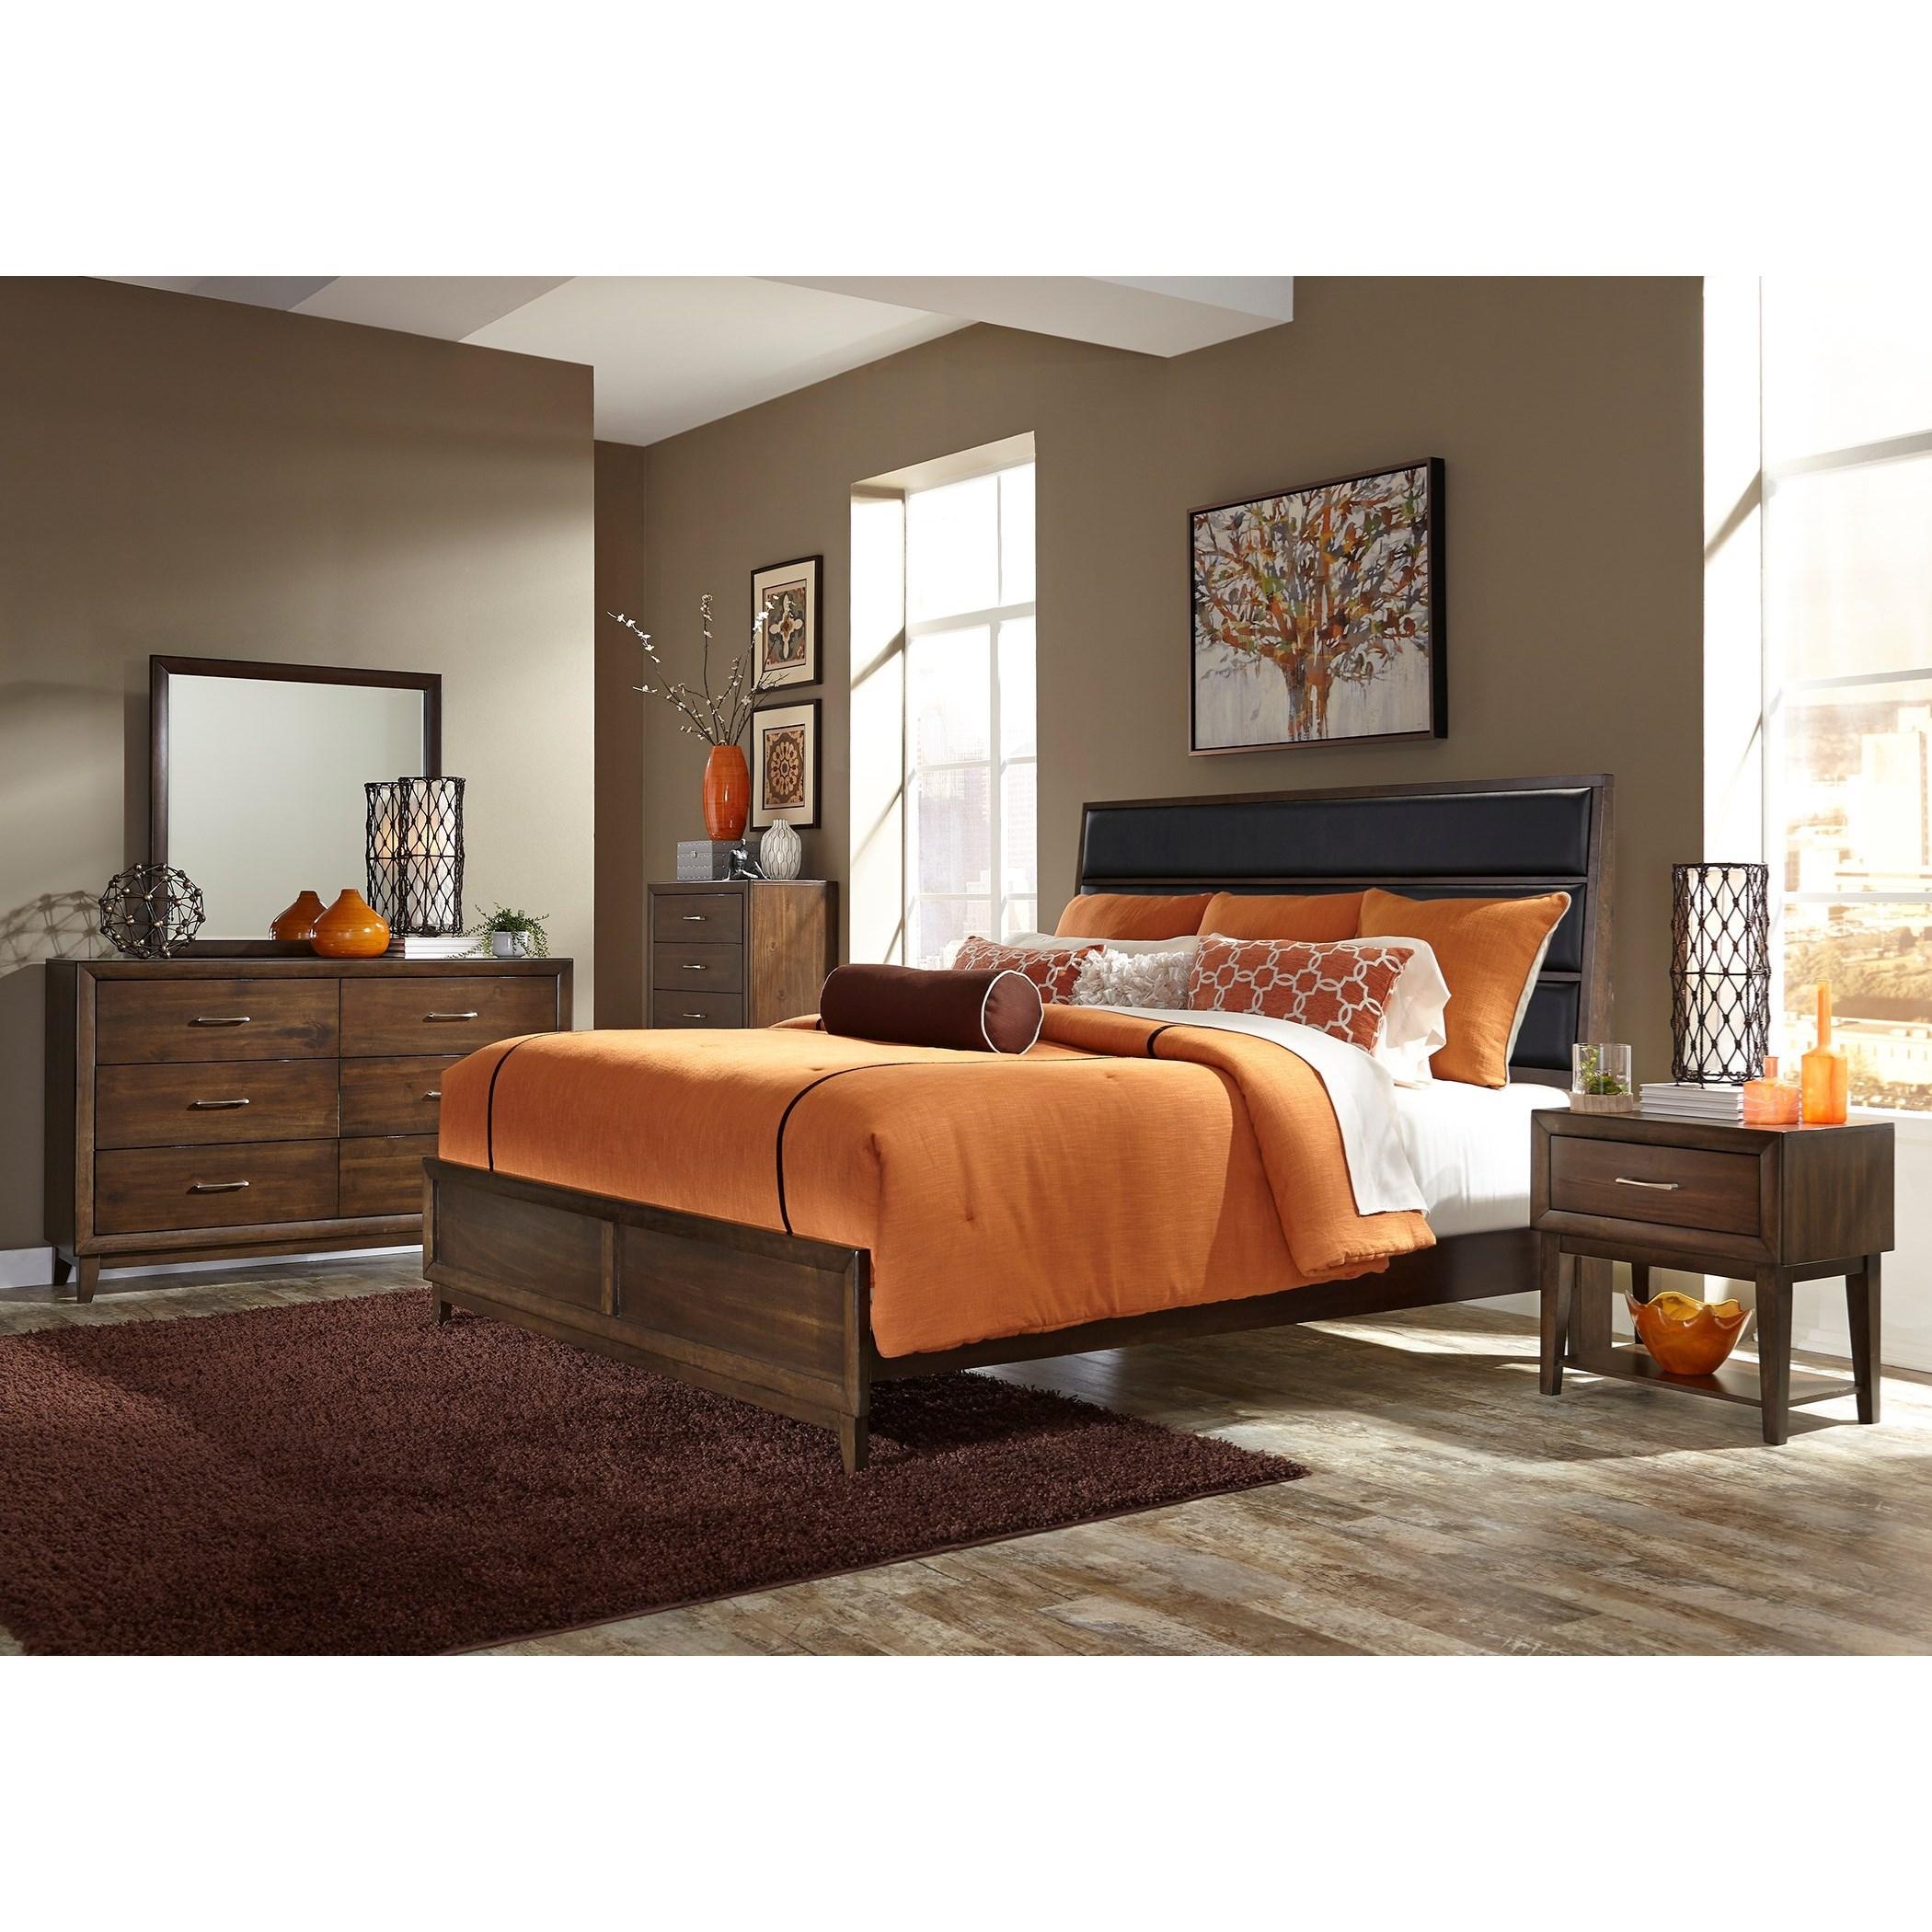 Liberty Furniture Hudson Square Bedroom Queen Bedroom Group - Item Number: 365-BR-QUBDMCN